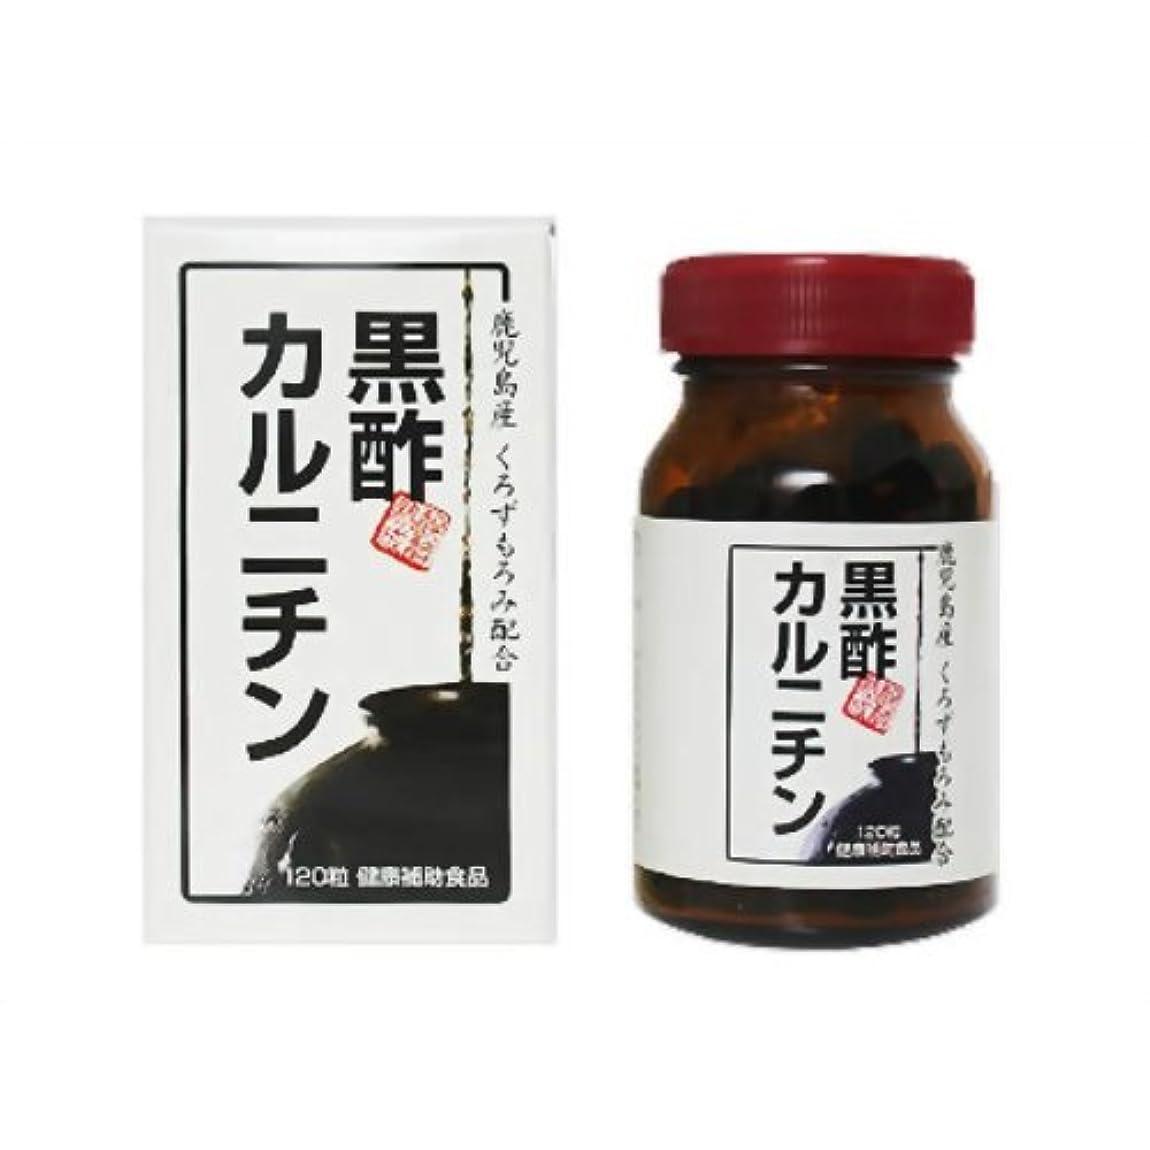 ベジタリアン好奇心忍耐黒酢カルニチン 120粒